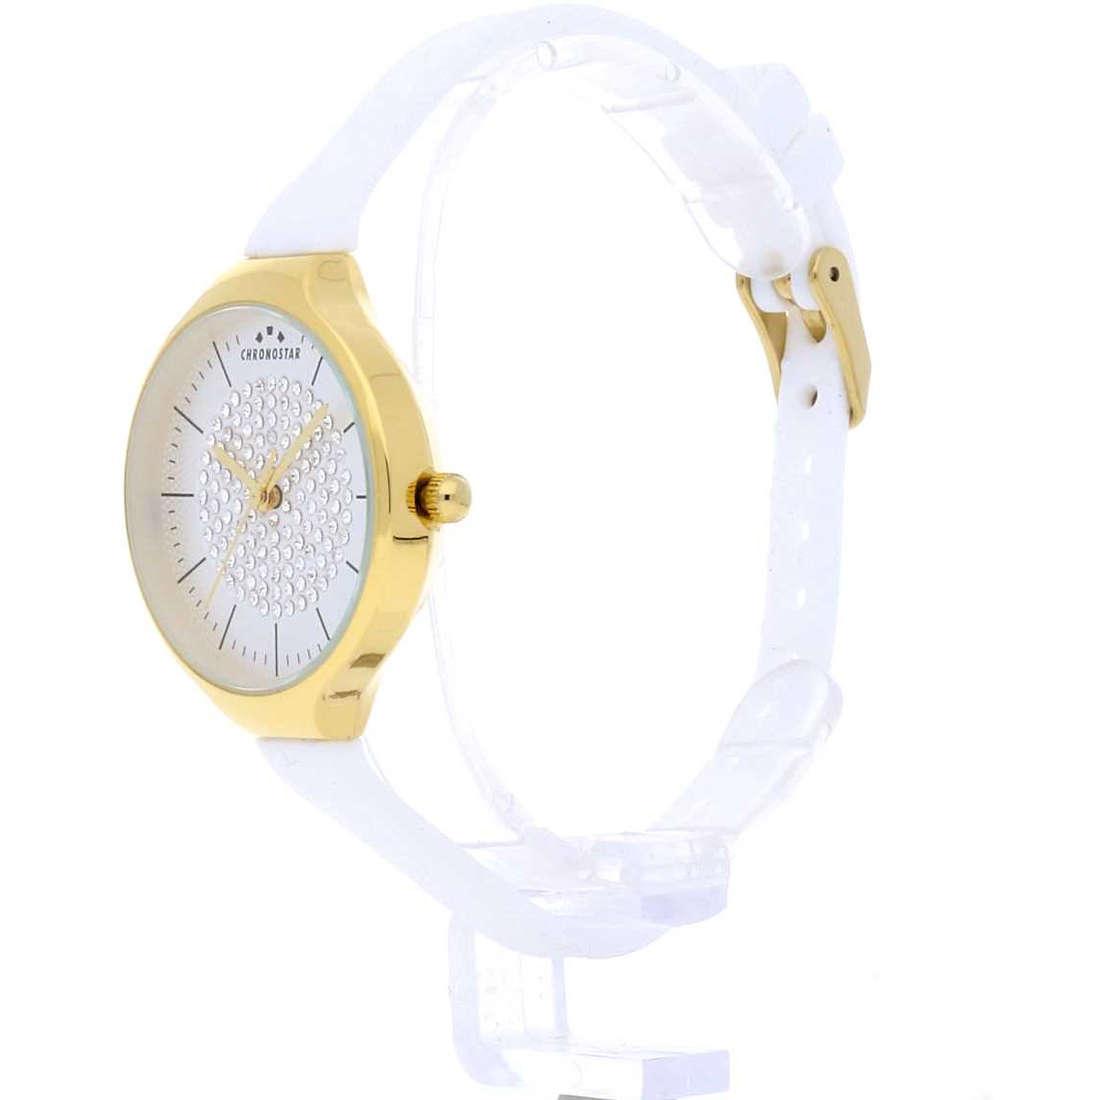 vente montres femme Chronostar R3751248510